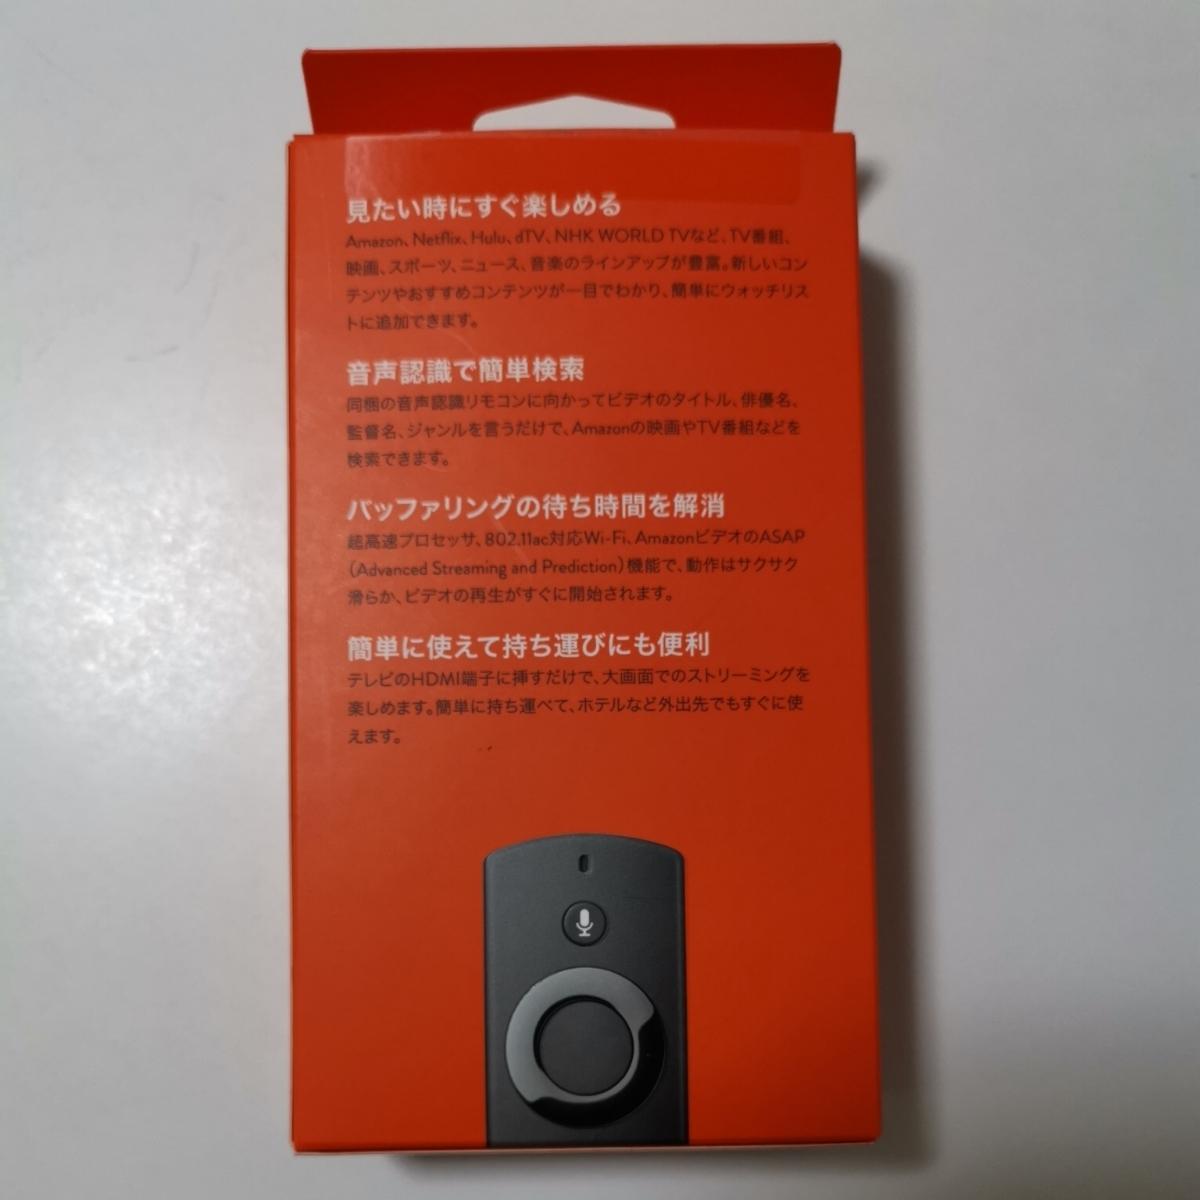 美品!完全動作品!Amazon Fire TV Stick 第2世代 音声認識リモコン付属_画像3